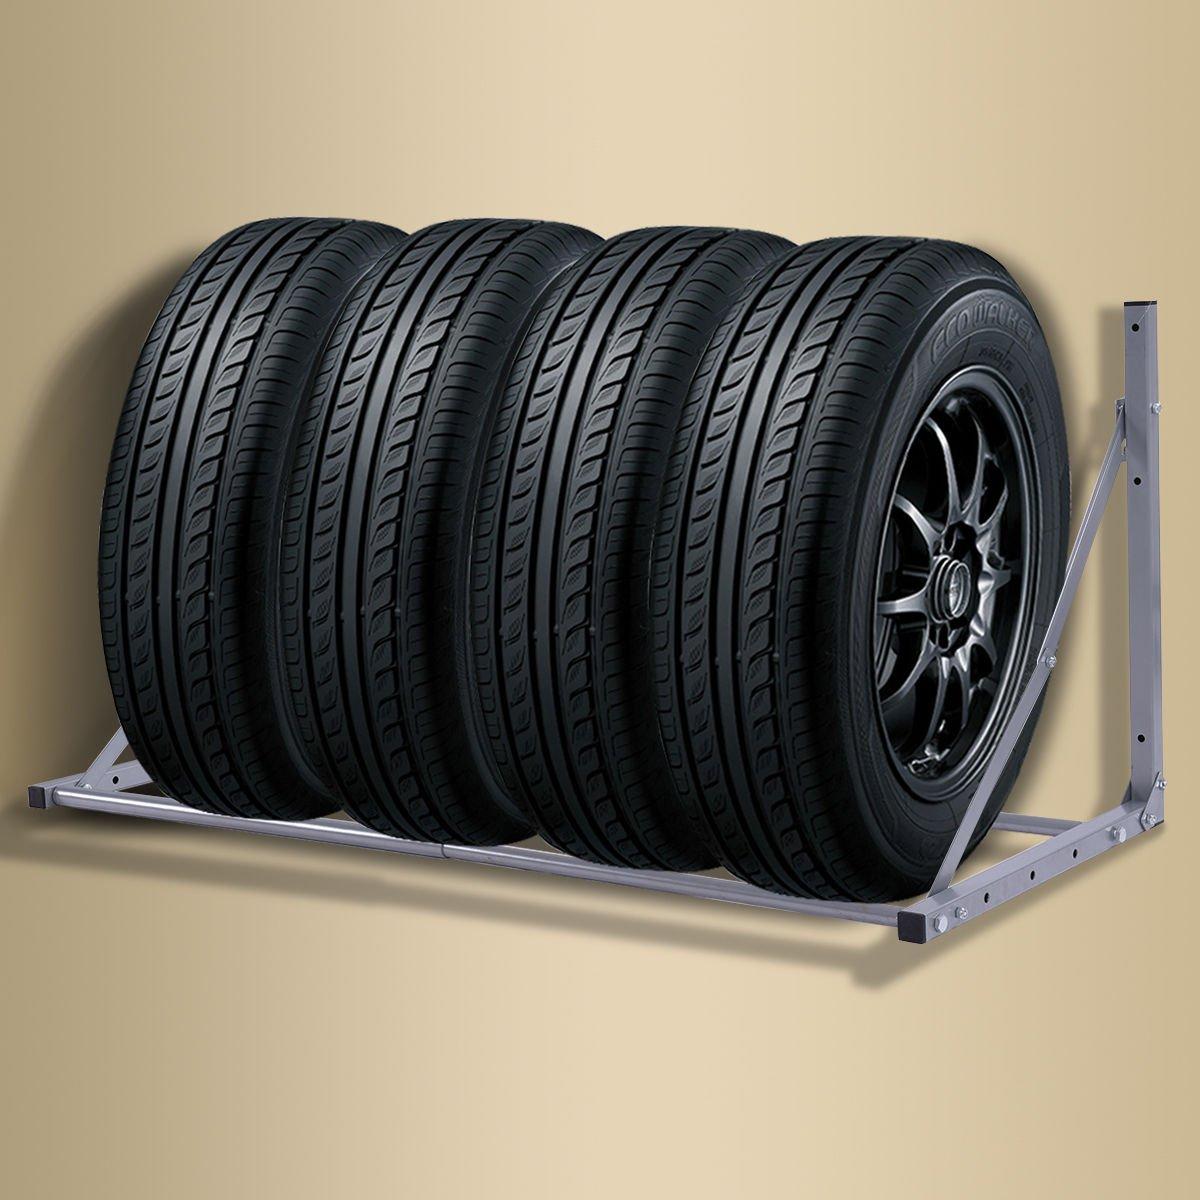 PROSPERLY U.S.Product Folding Tire Wheel Rack Storage Holder Heavy Duty Garage Wall Mount Steel 300Lb